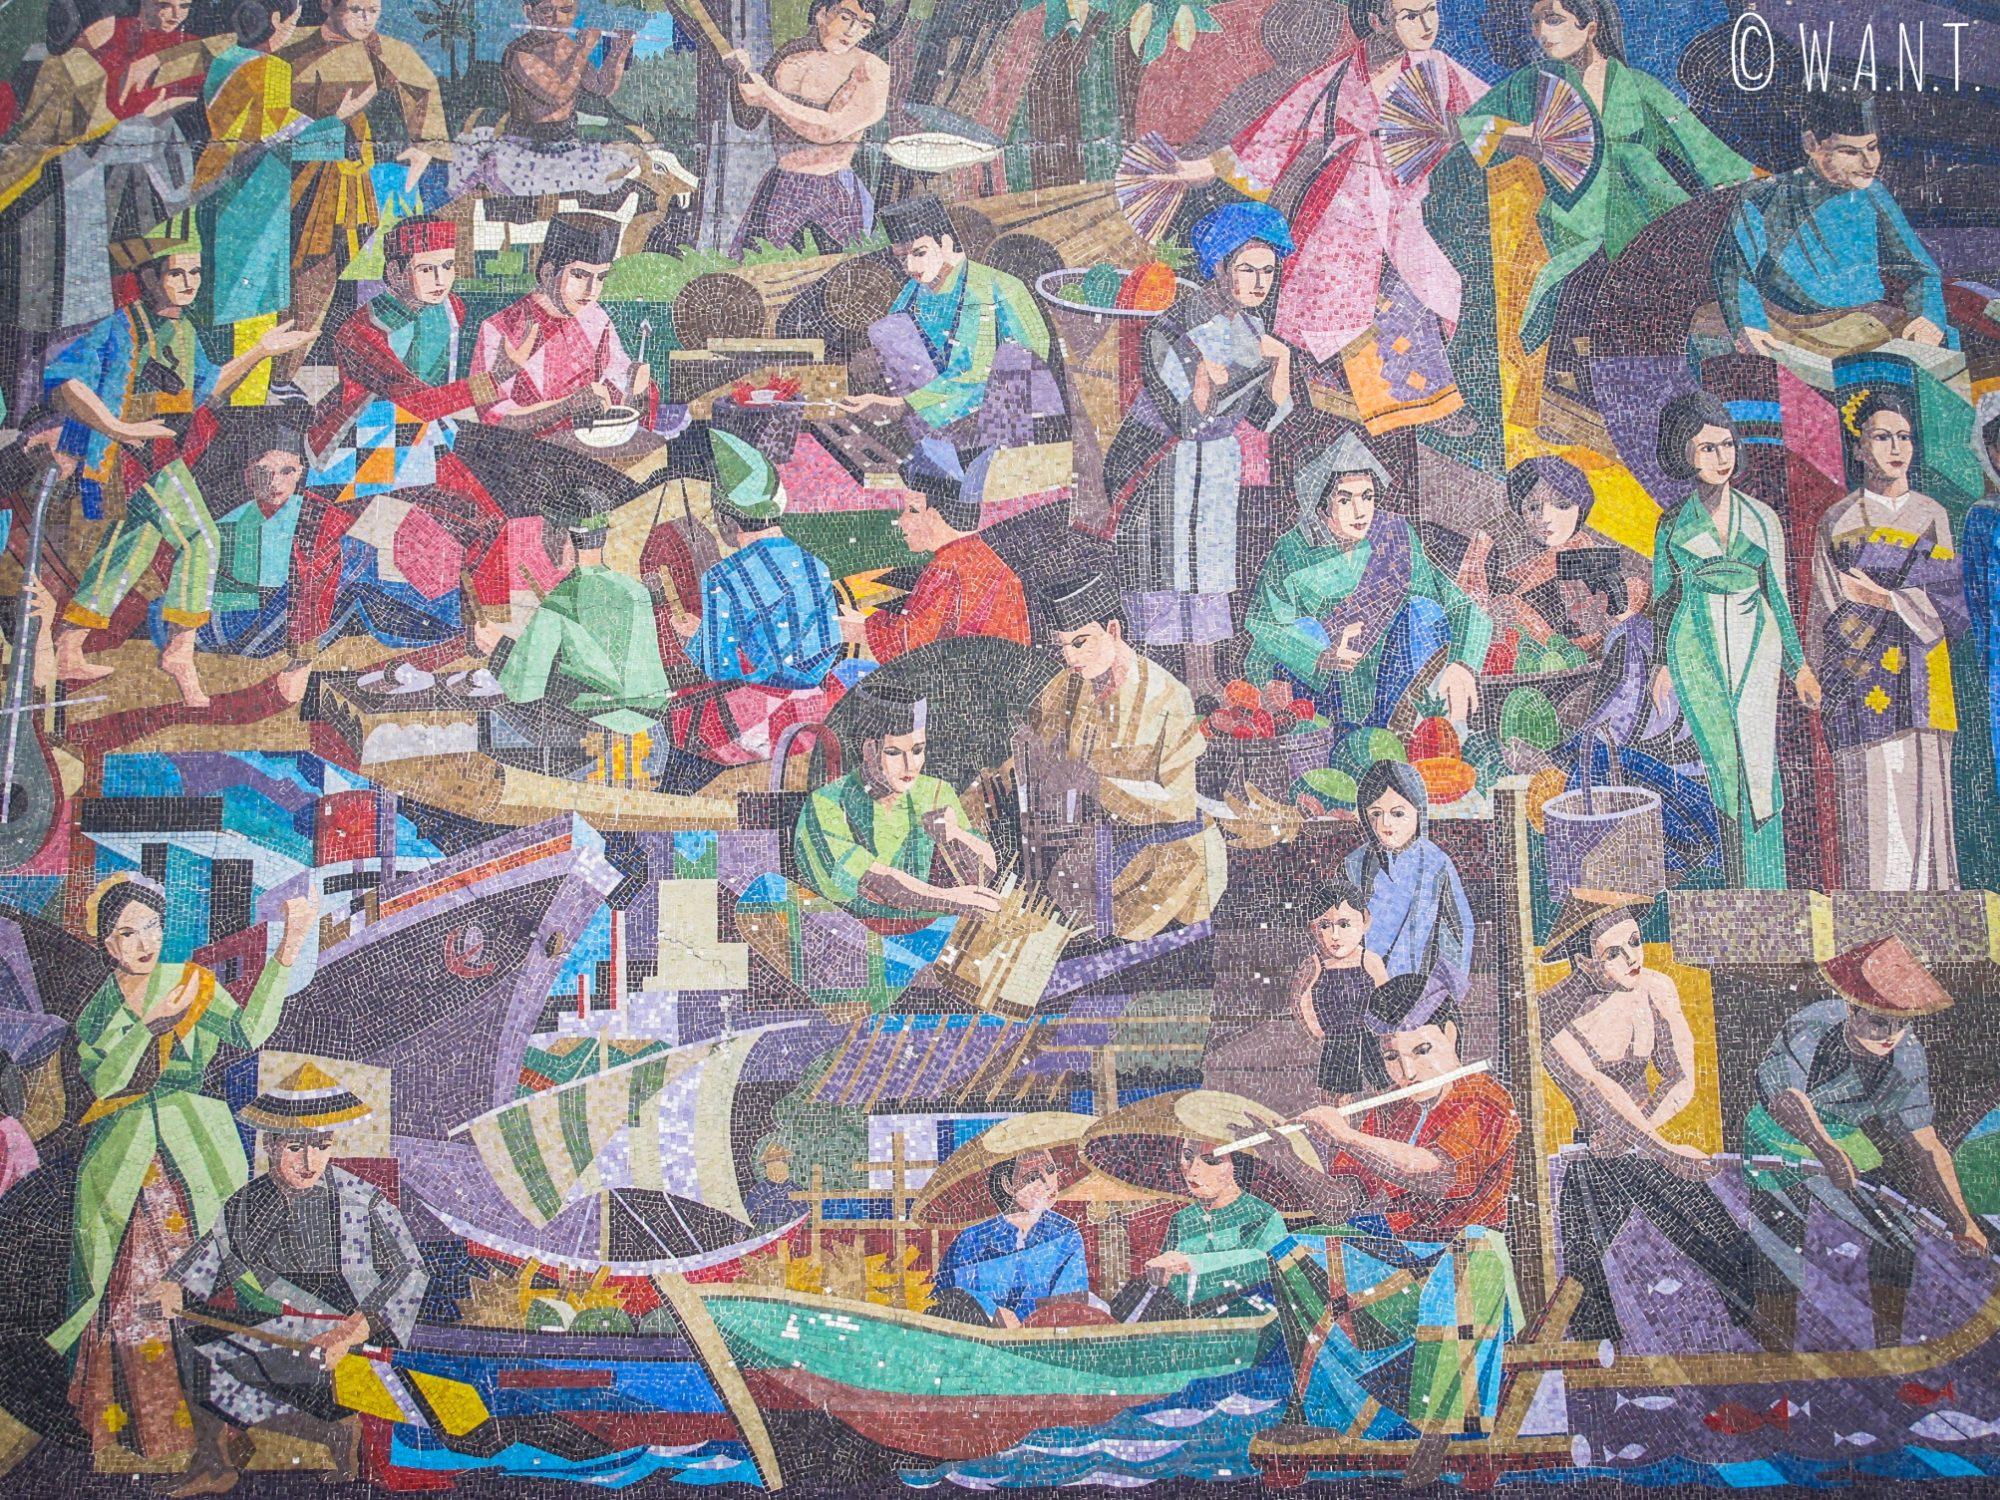 Fresque dans les rues de Bandar Seri Begawan #3